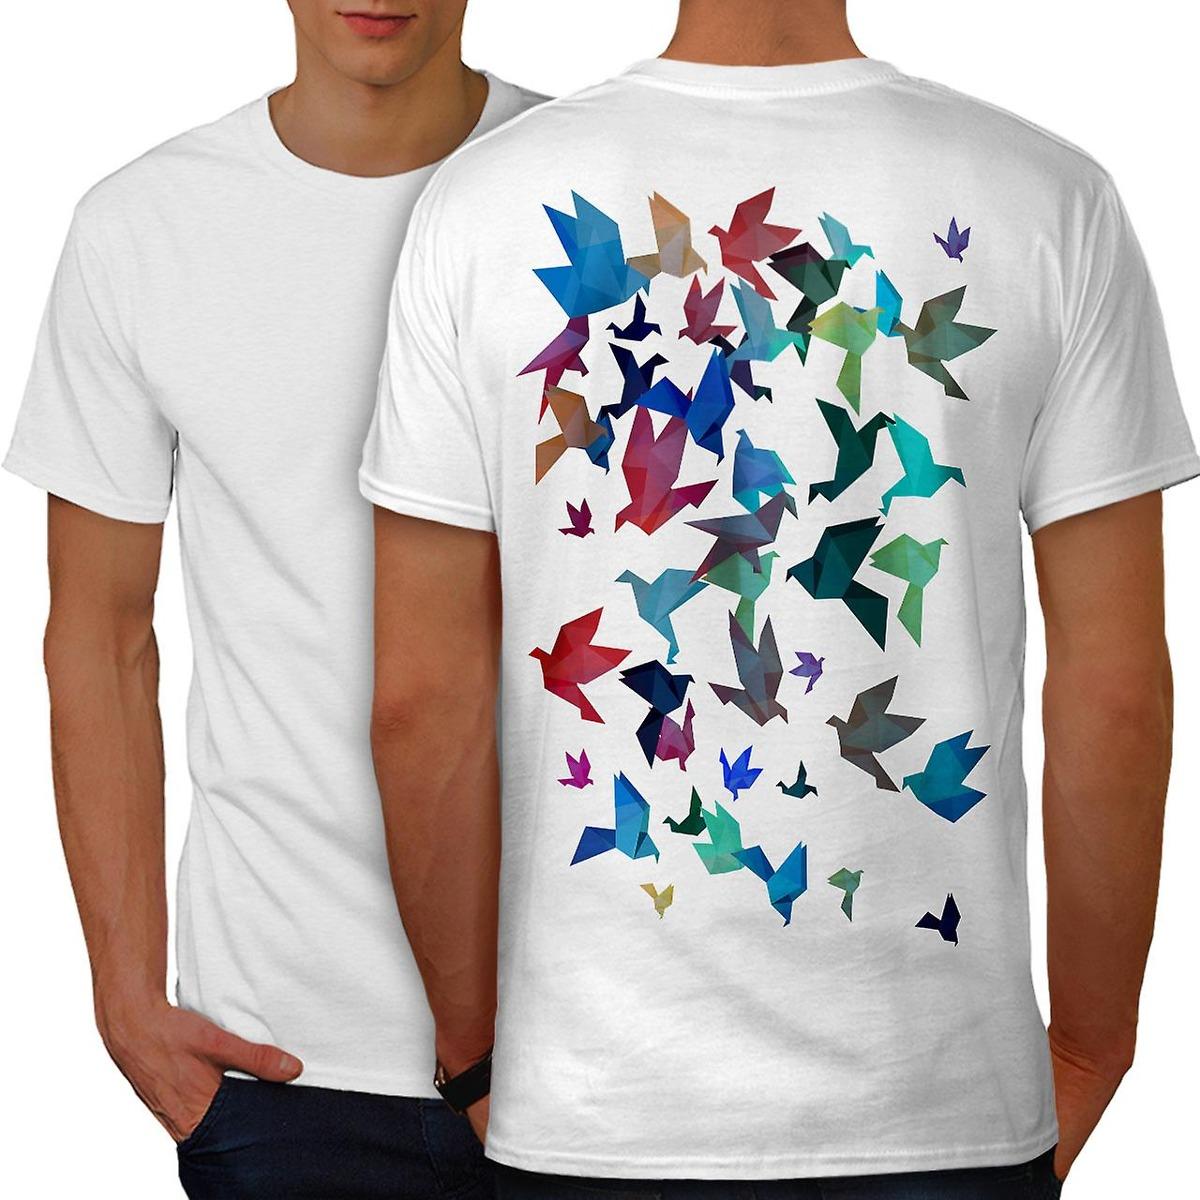 Remera pjaro de origami art volver 25000 en mercado libre thecheapjerseys Images